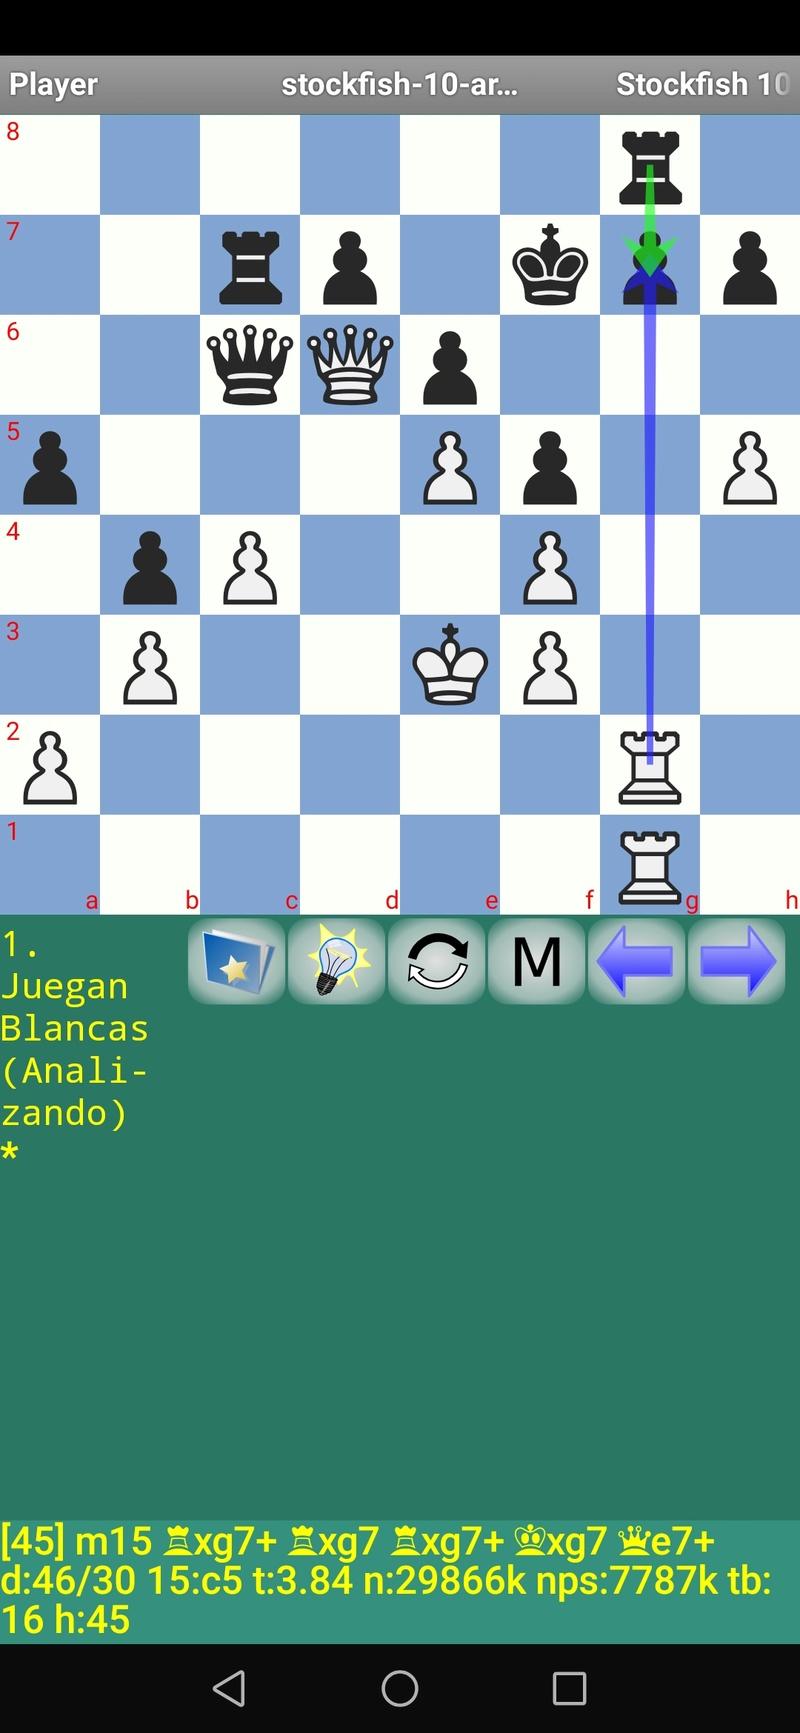 30 posiciones de Test fabulosas con el Stockfish 10 / Matador de QUIJOTEL (I) Scree106